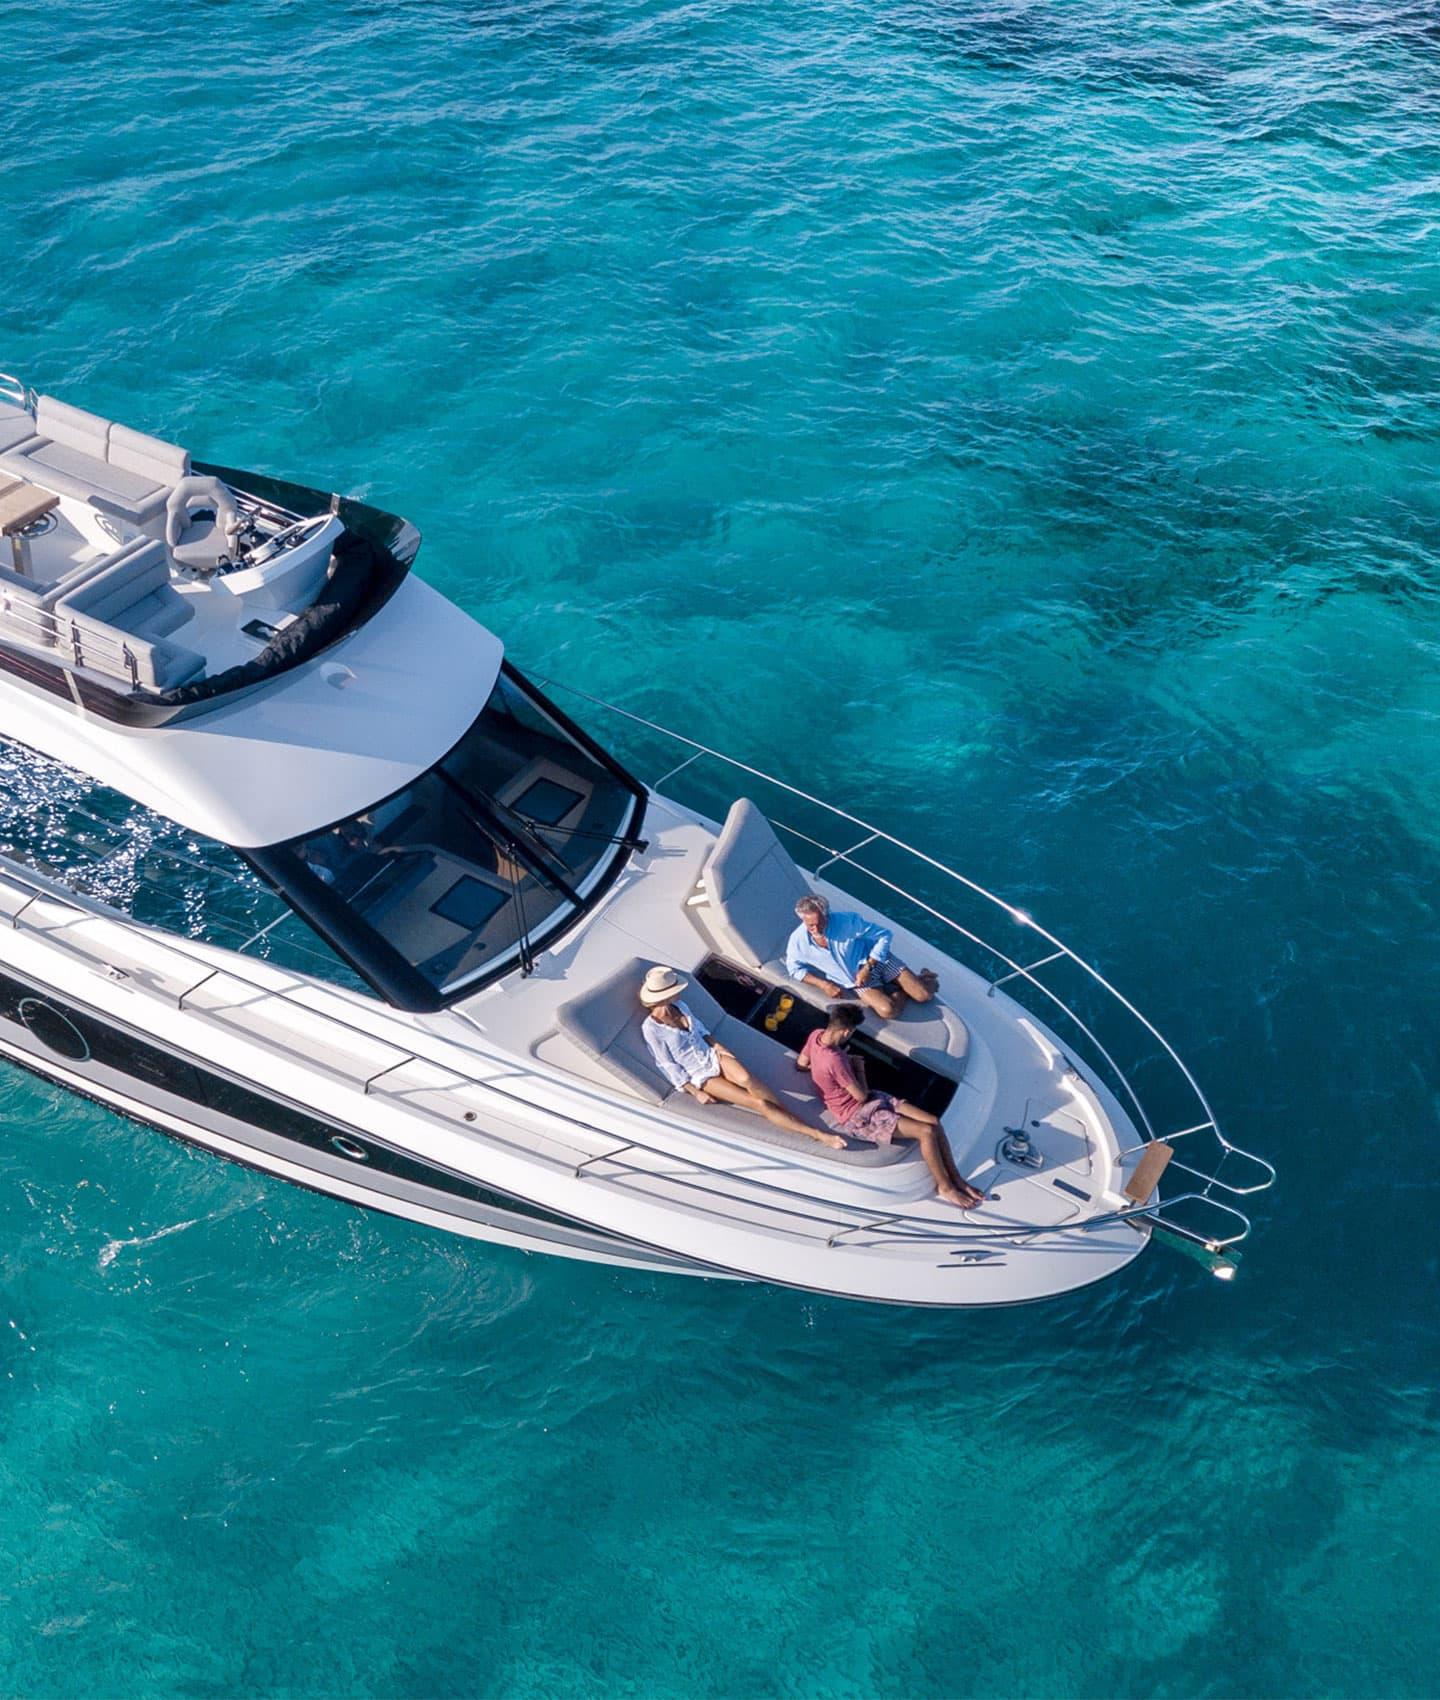 Famiglia si gode la vita sulle sedute a prua di uno yacht a motore Beneteau, stazionato in un mare turchese.